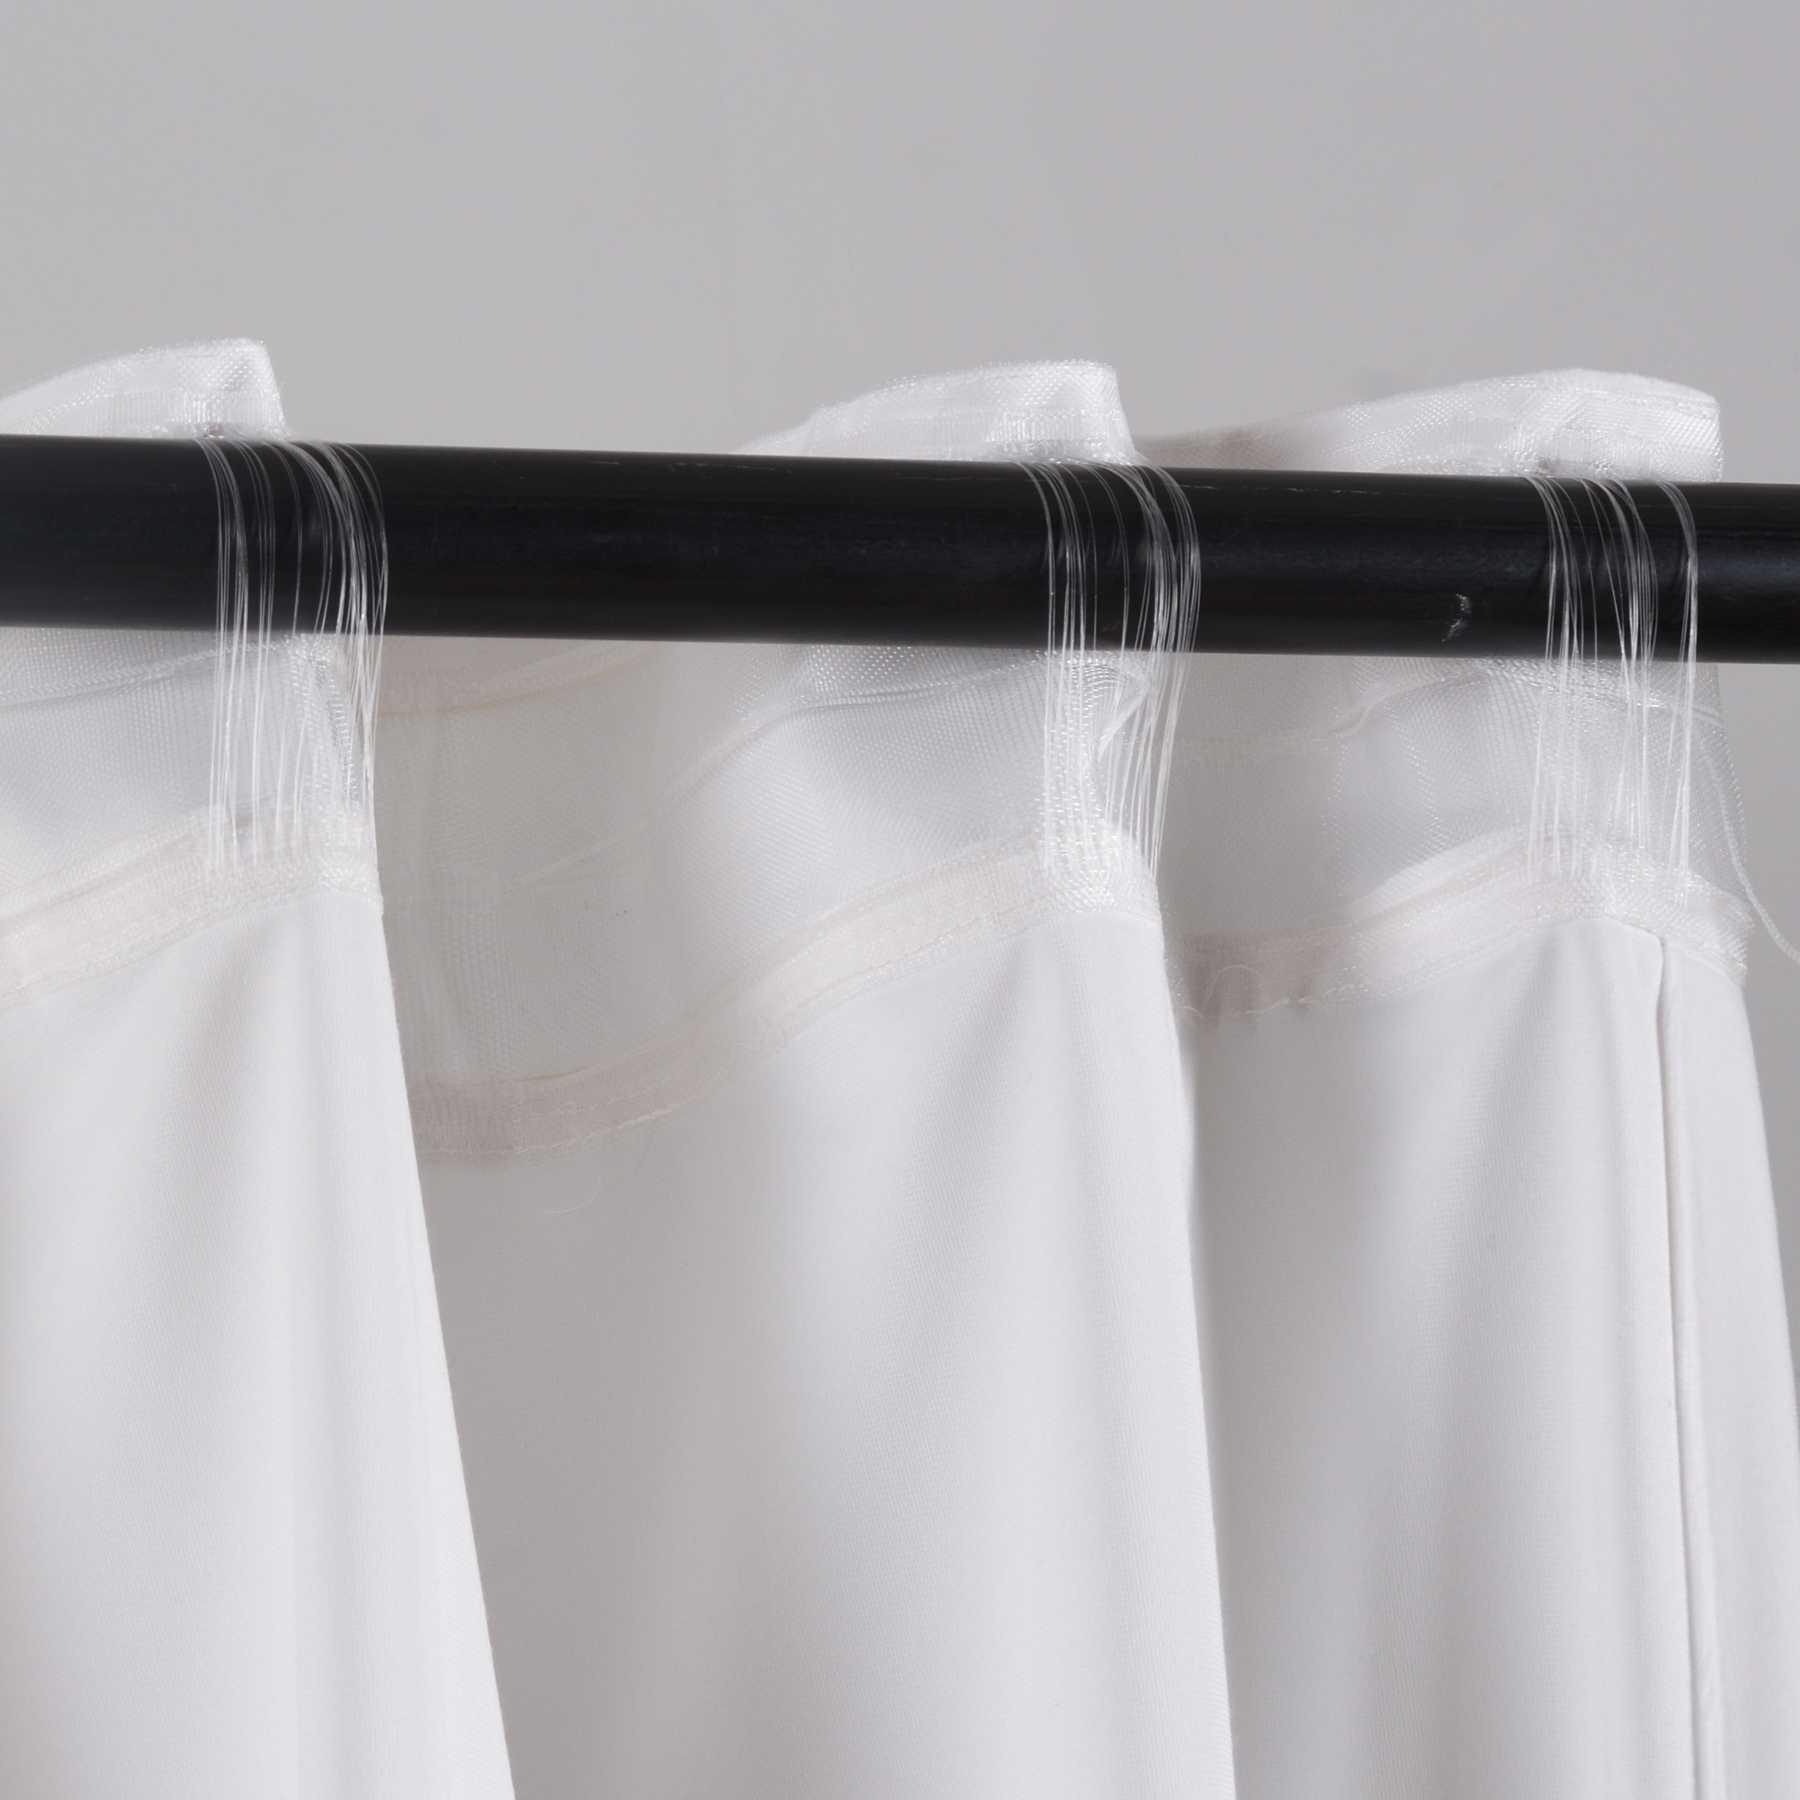 Verdunkelung Vorhang Milano Samt Schlaufenband Weiß 1 Stück HxB 280x135 cm